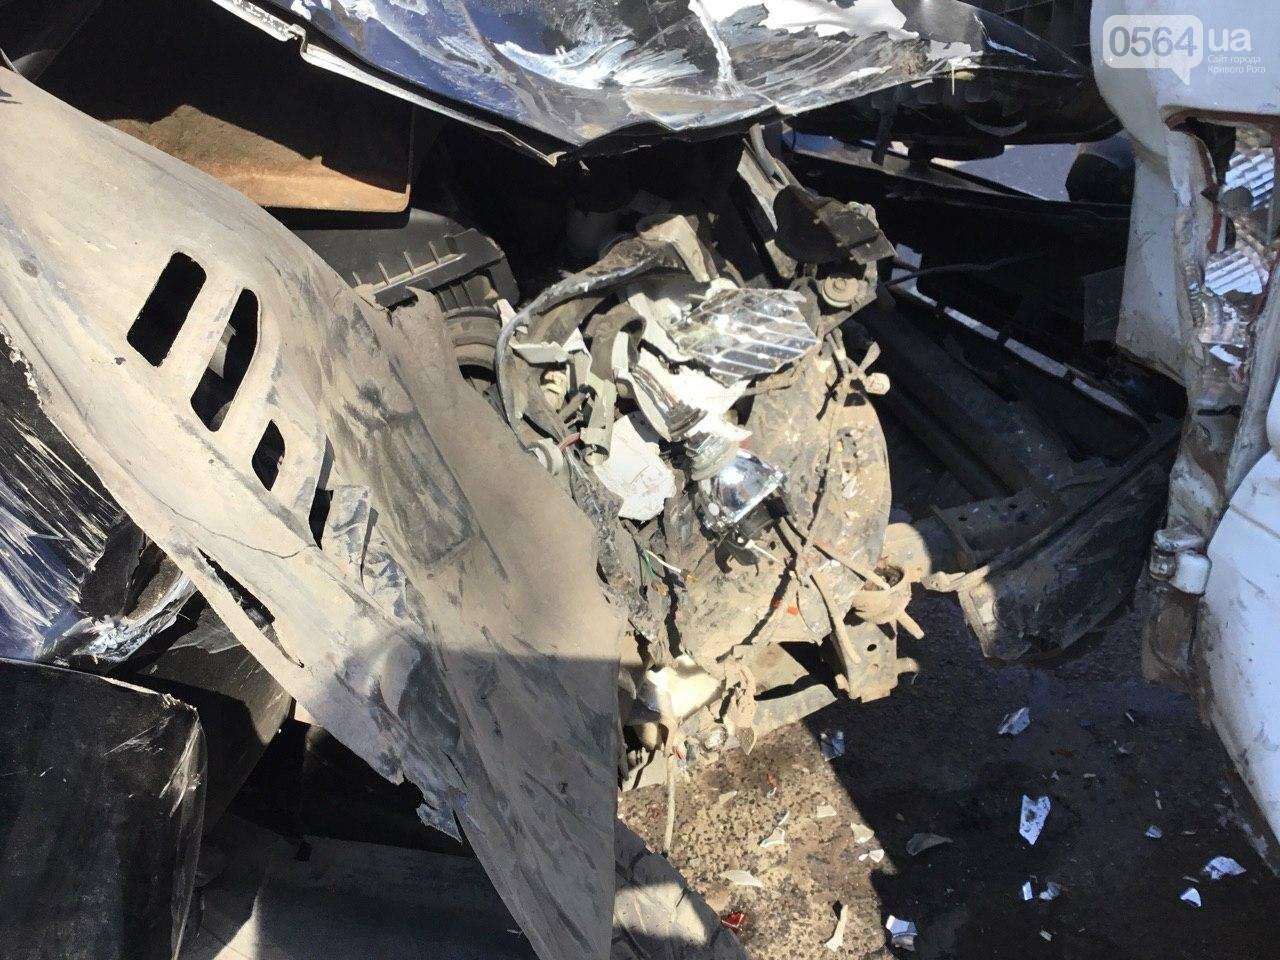 На центральном проспекте Кривого Рога столкнулись 4 автомобиля, - ФОТО, фото-3